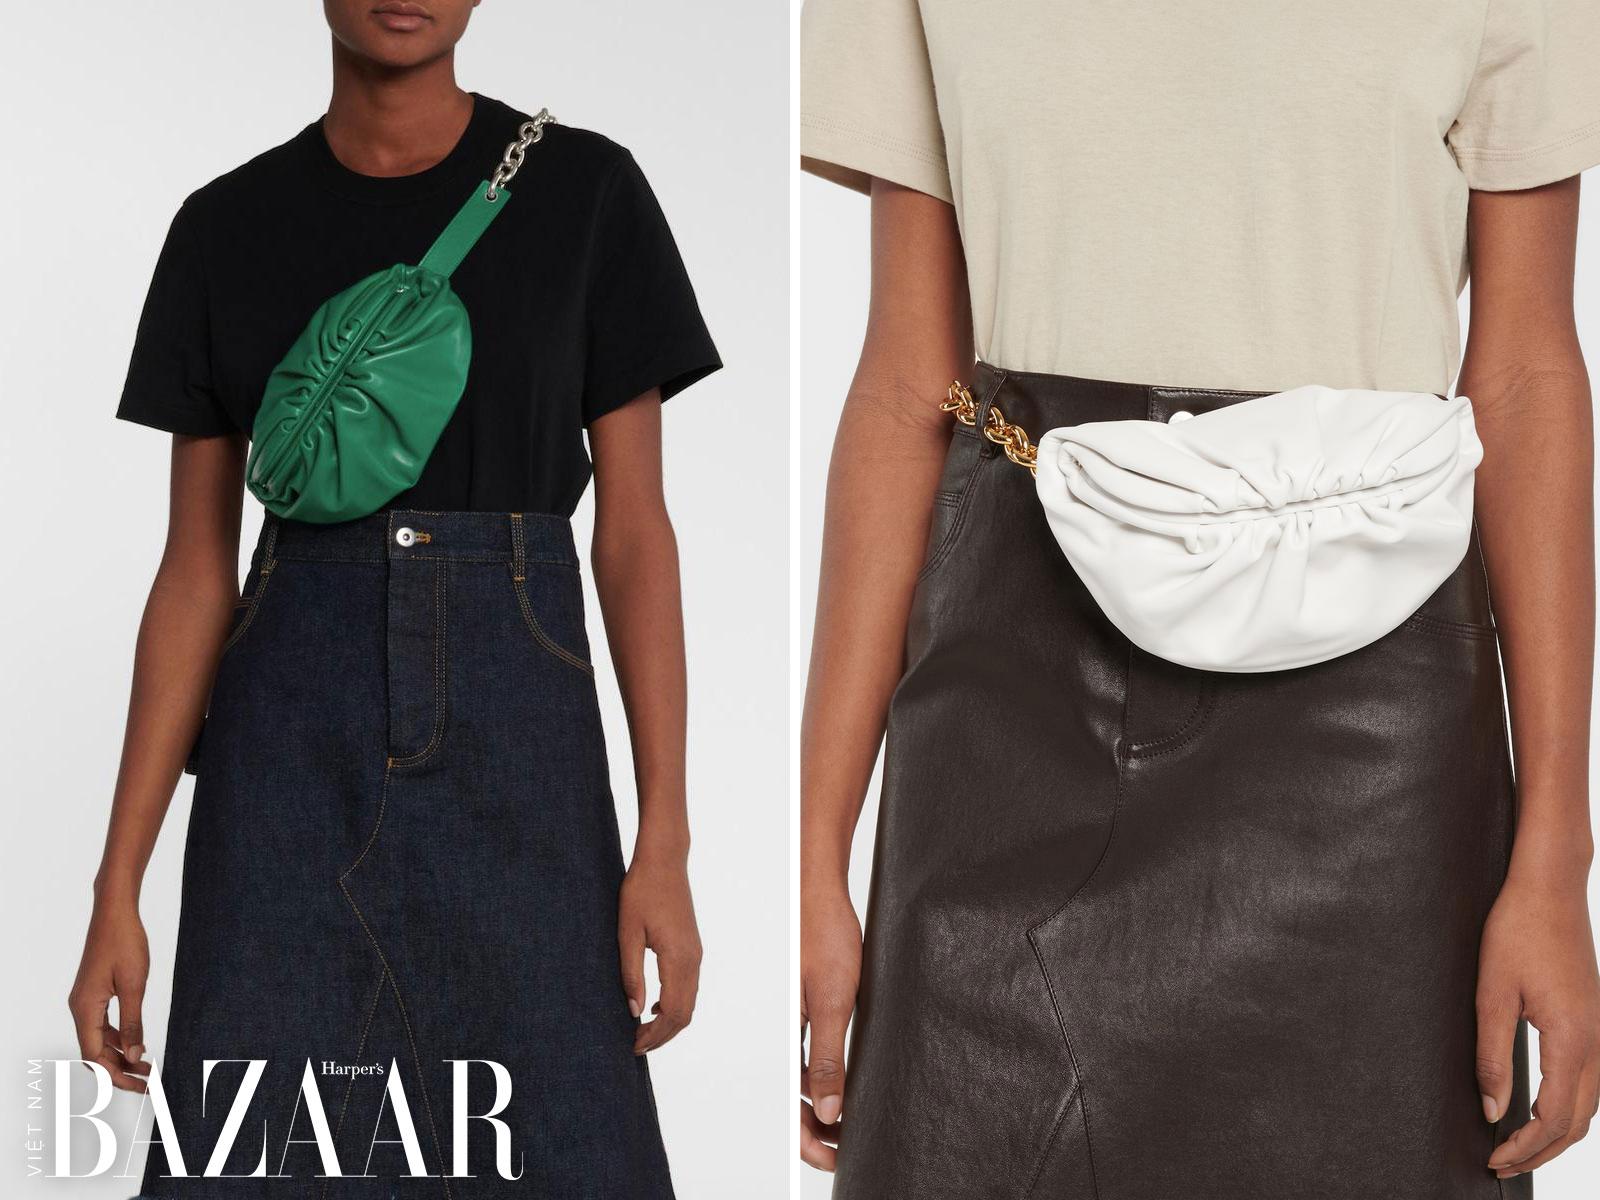 Có thể dùng The Belt Chain Pouch như túi đeo chéo người hay túi đeo hông